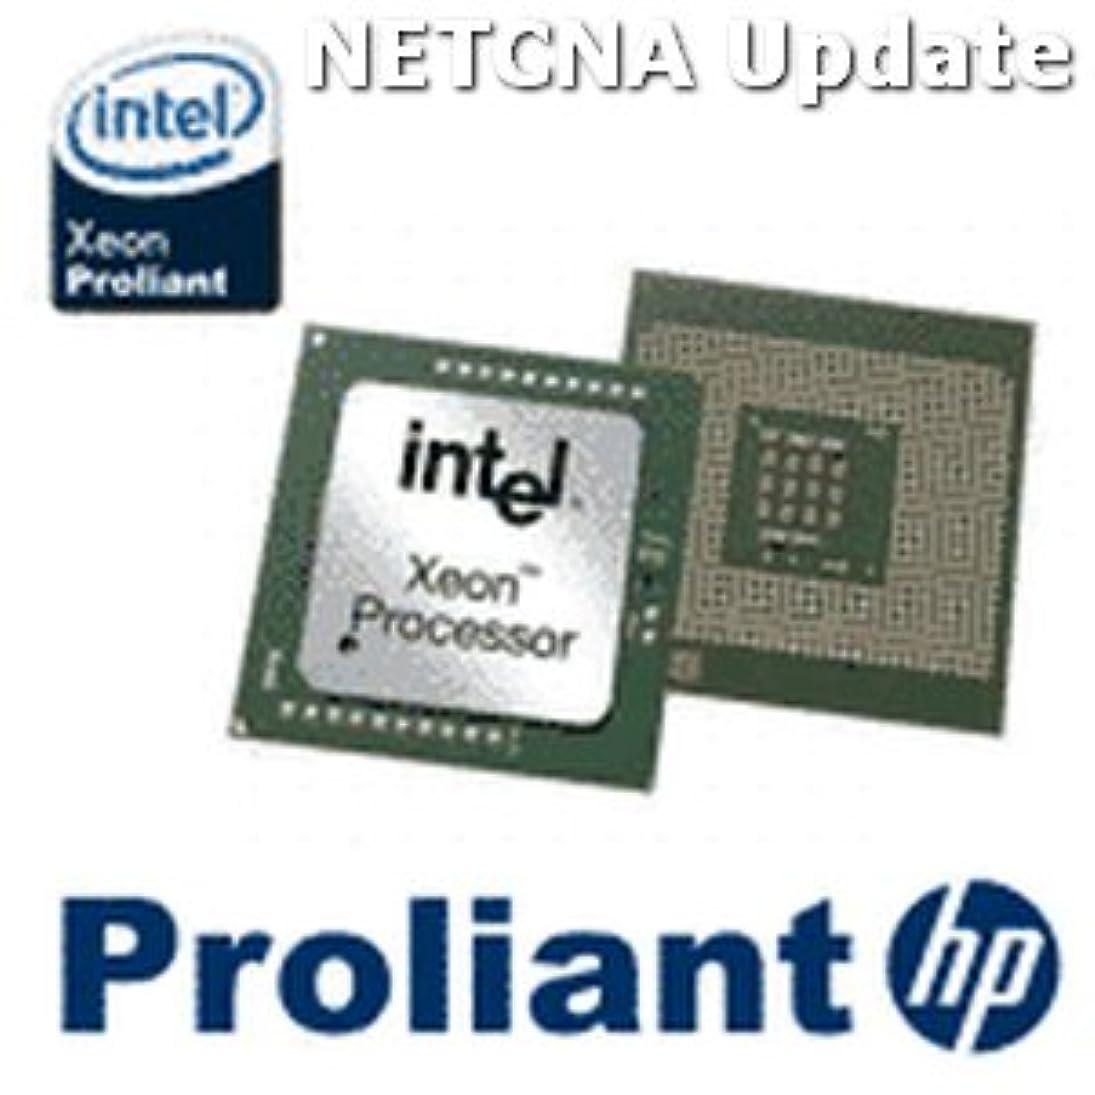 ランチョン主張する野球364306-b21 HP Xeon 3.2 GHz bl30p互換製品by NETCNA